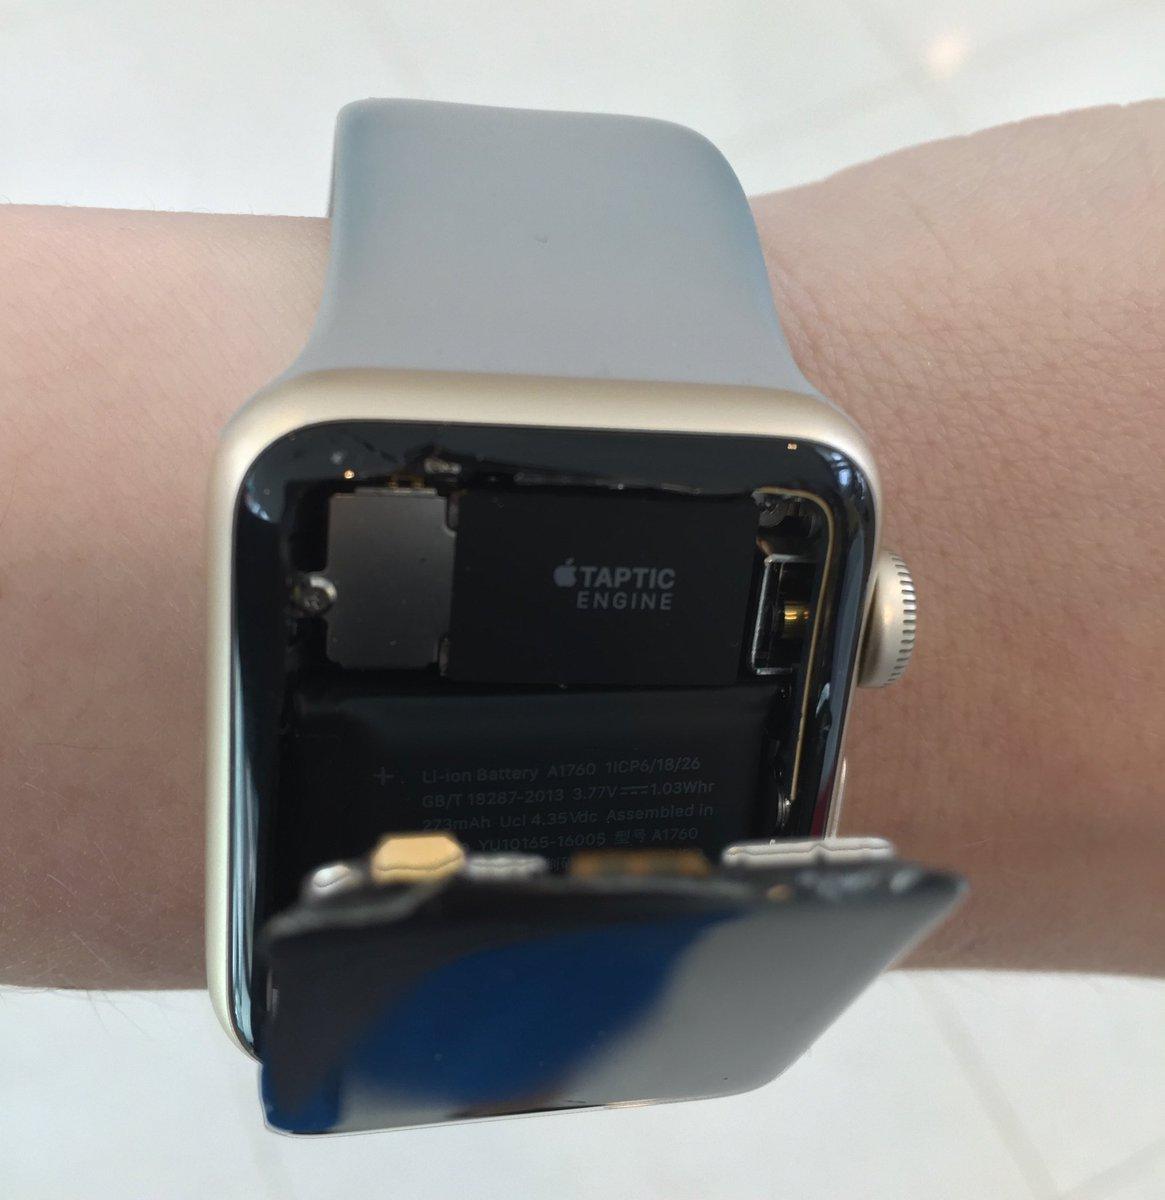 Также, специалист может отказаться ремонтировать apple watch, если повреждения будут признаны непоправимыми.